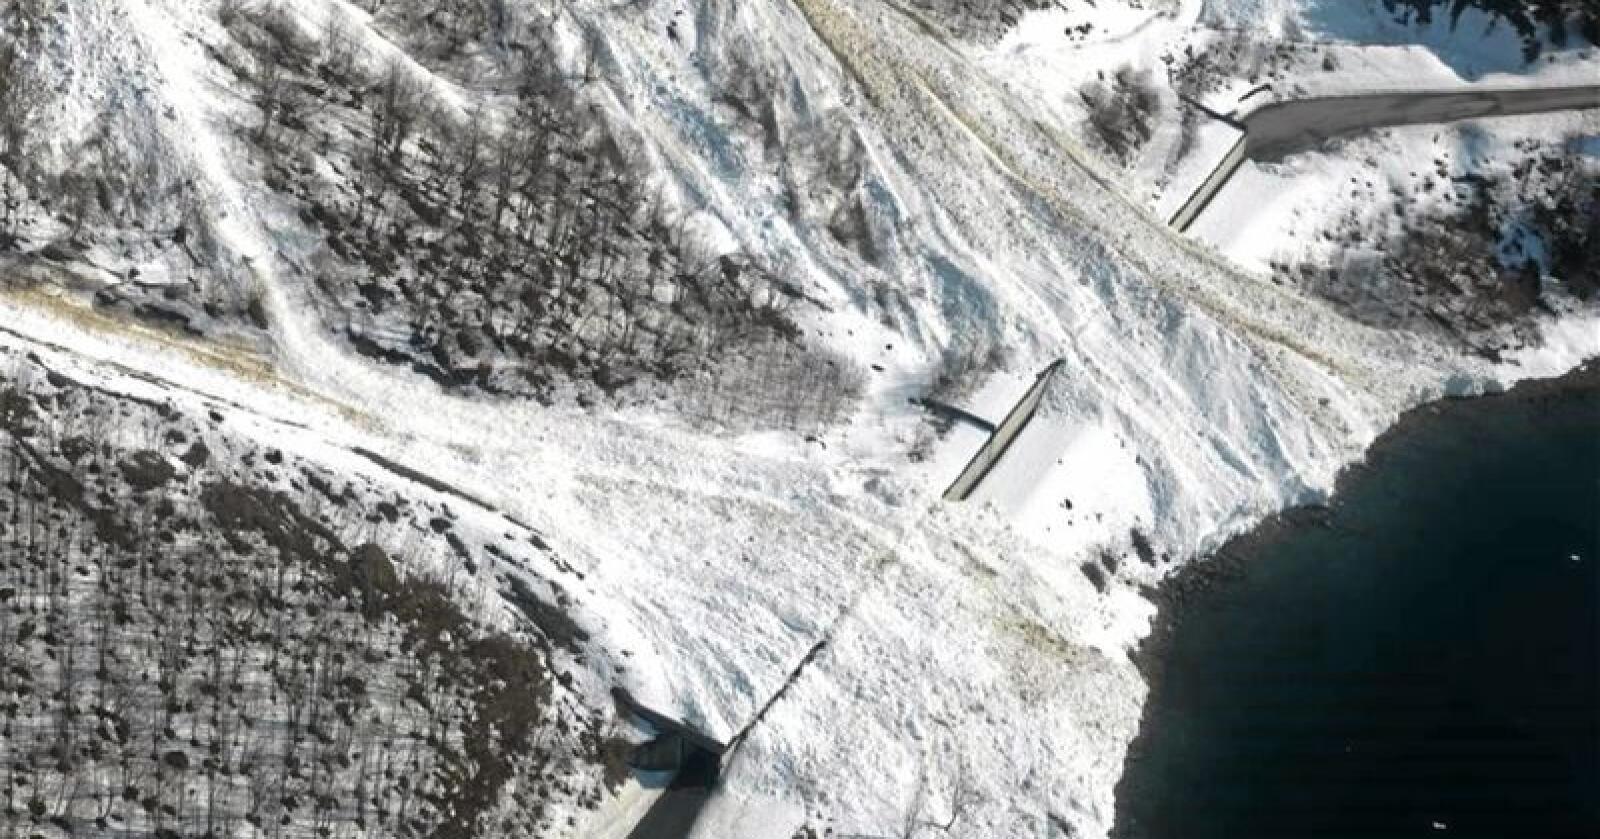 Hundrevis hvert år:  I snitt er det årlig rundt 200 snøskred på norske veier. Noen steder er det snøras på samme sted nesten hver vinter - som her i Norangsdalen i Møre og Romsdal. Her er det satt opp skredoverbygg og fangvoll som sikrer fylkesvei 655 gjennom Norangsdalen. Foto: Arild Solberg